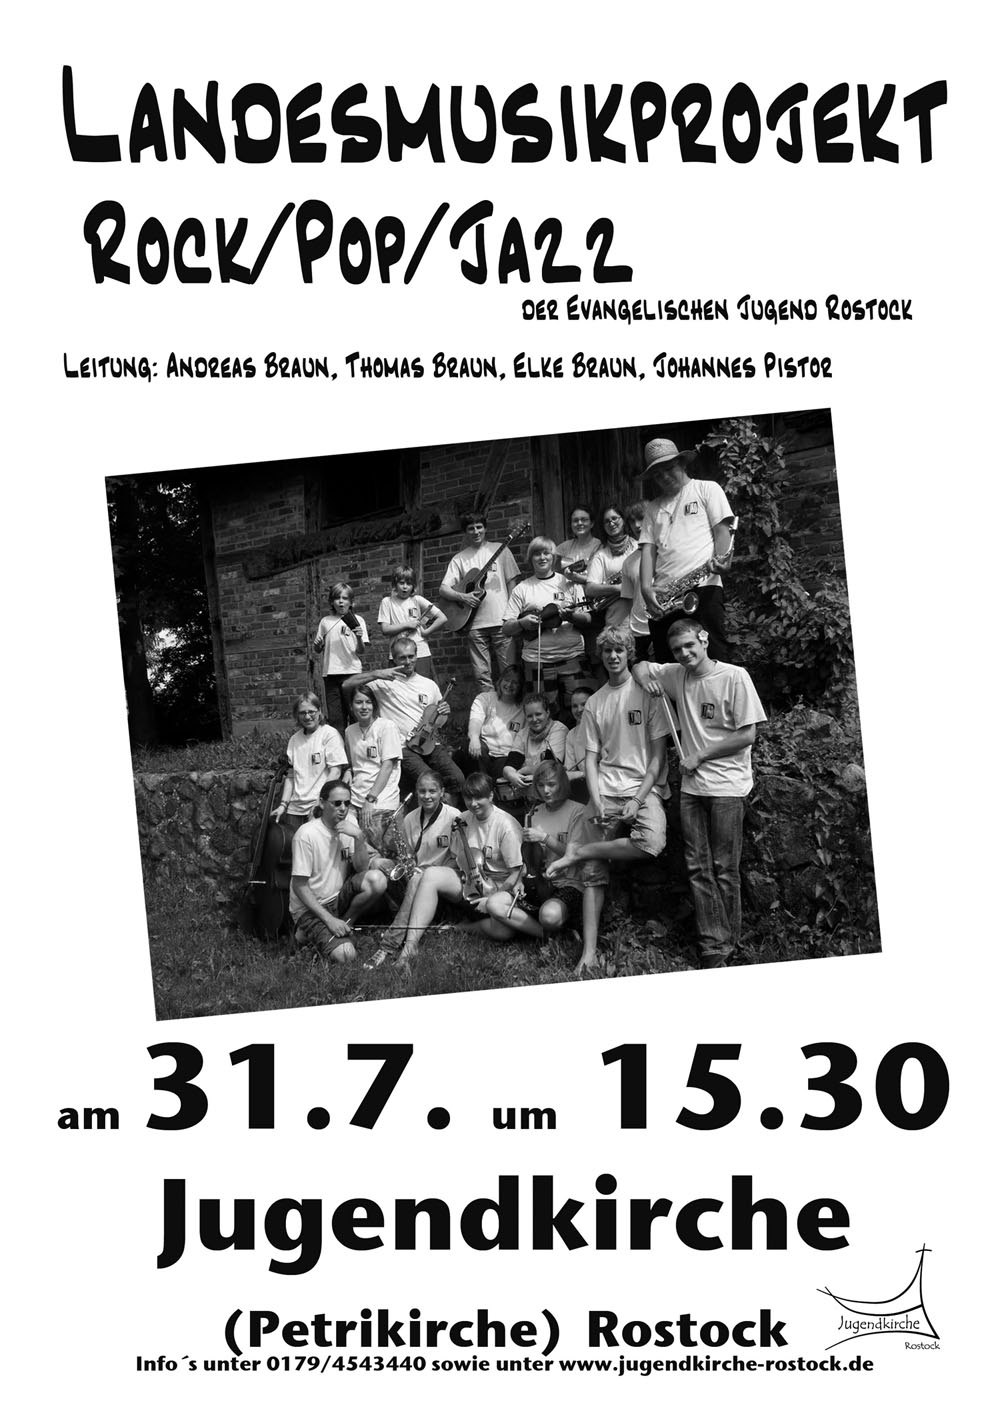 Rock-, Pop- und Jazzkonzert 31.07.11 15.30